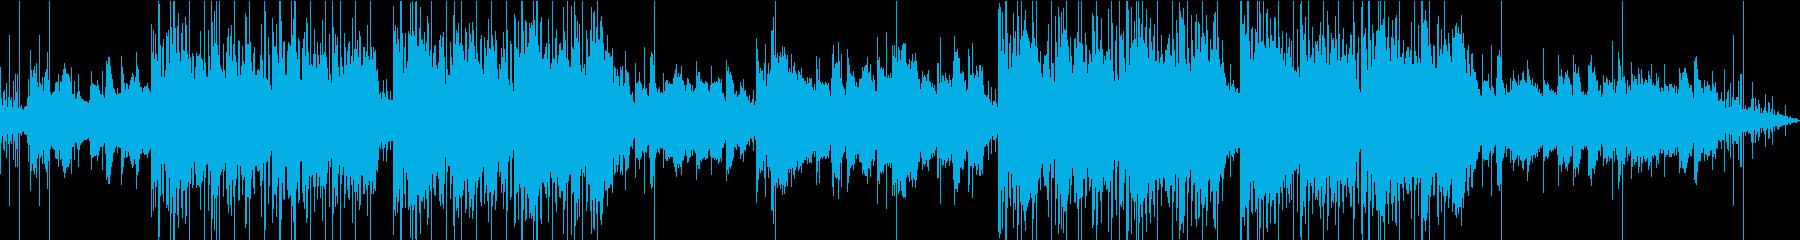 暖かい・チルでLoFiなエレクトロニカの再生済みの波形